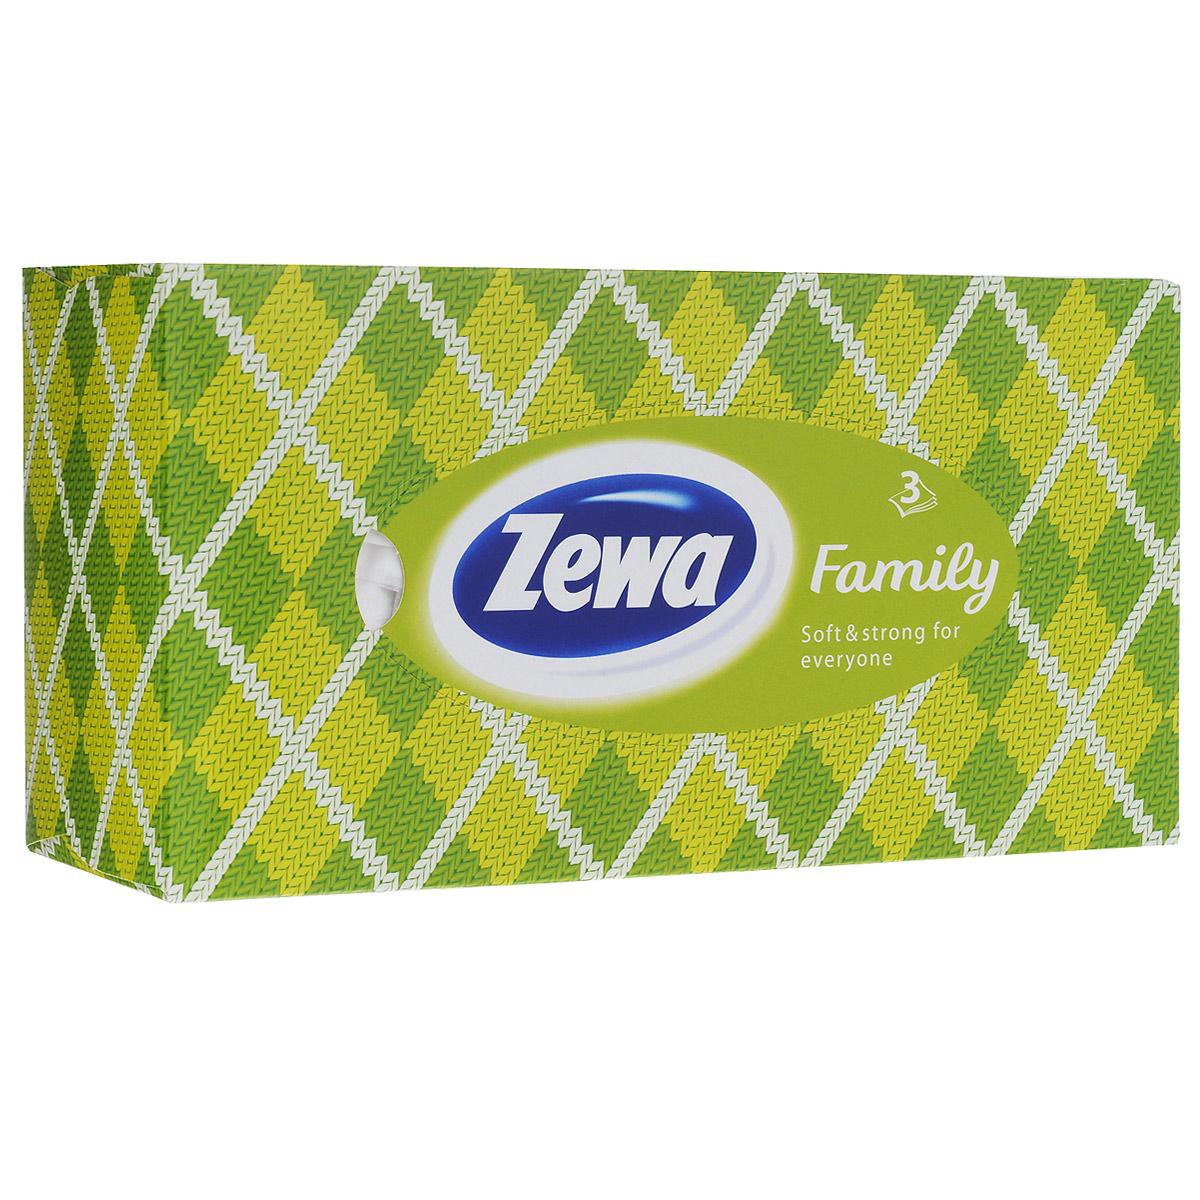 Платки в коробке Zewa Софт и Стронг, цвет: салатовый, 90 шт28420_салатовыйМягкие трехслойные носовые платки Zewa Софт и Стронг изготовлены из высококачественной экологически чистой целлюлозы. Обладают большой впитывающей способностью. Не вызывают аллергии, не раздражают чувствительную кожу. Просты и удобны в использовании.